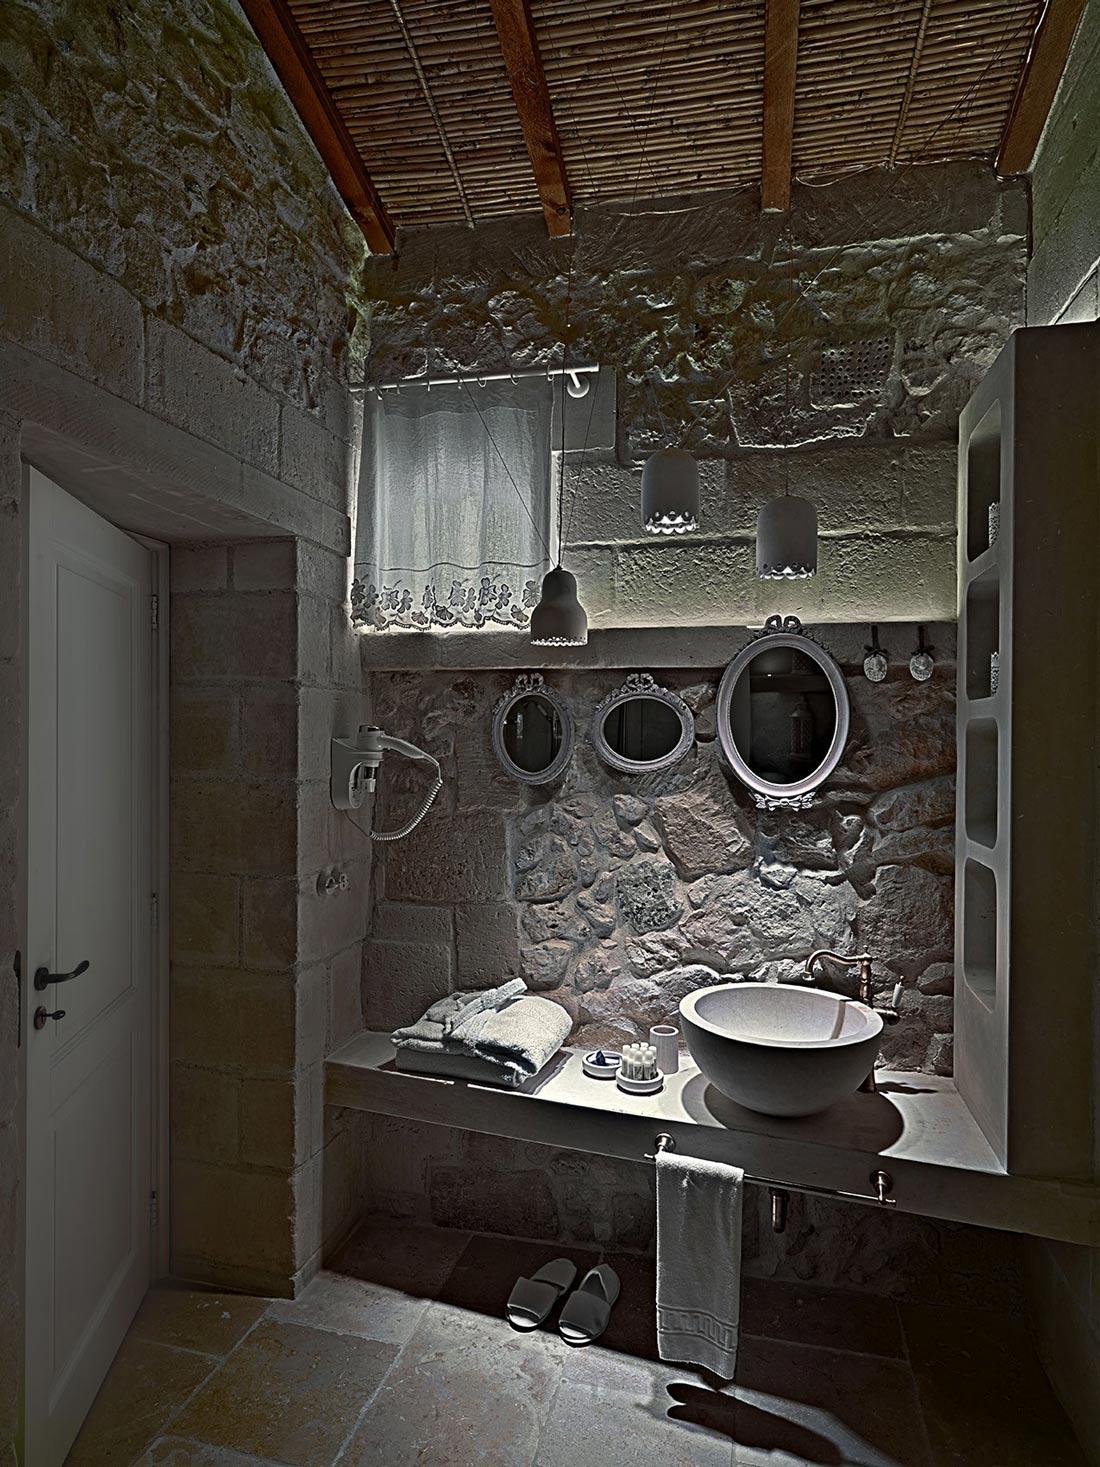 Bathroom Mirrors, Relais Masseria Capasa Hotel in Martano, Italy